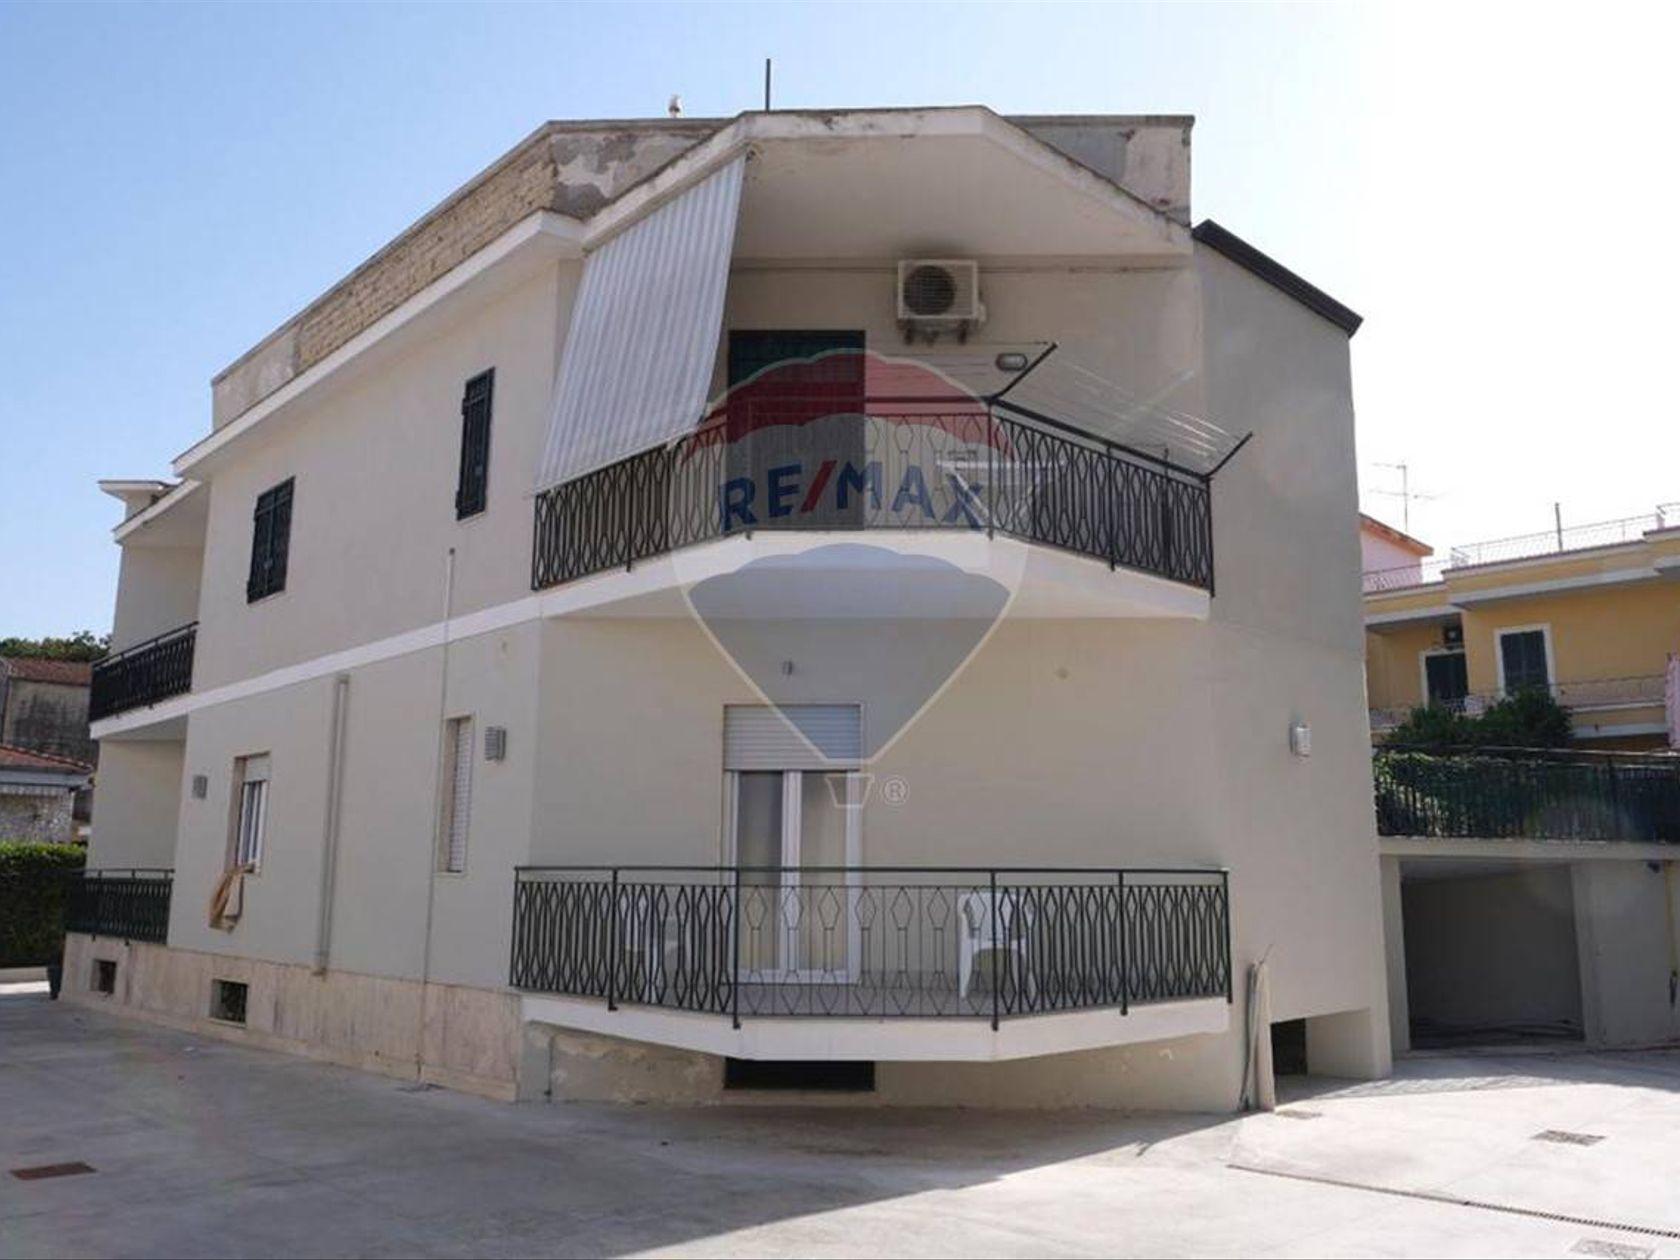 Casa Indipendente Zona stazione, Aversa, CE Vendita - Foto 3